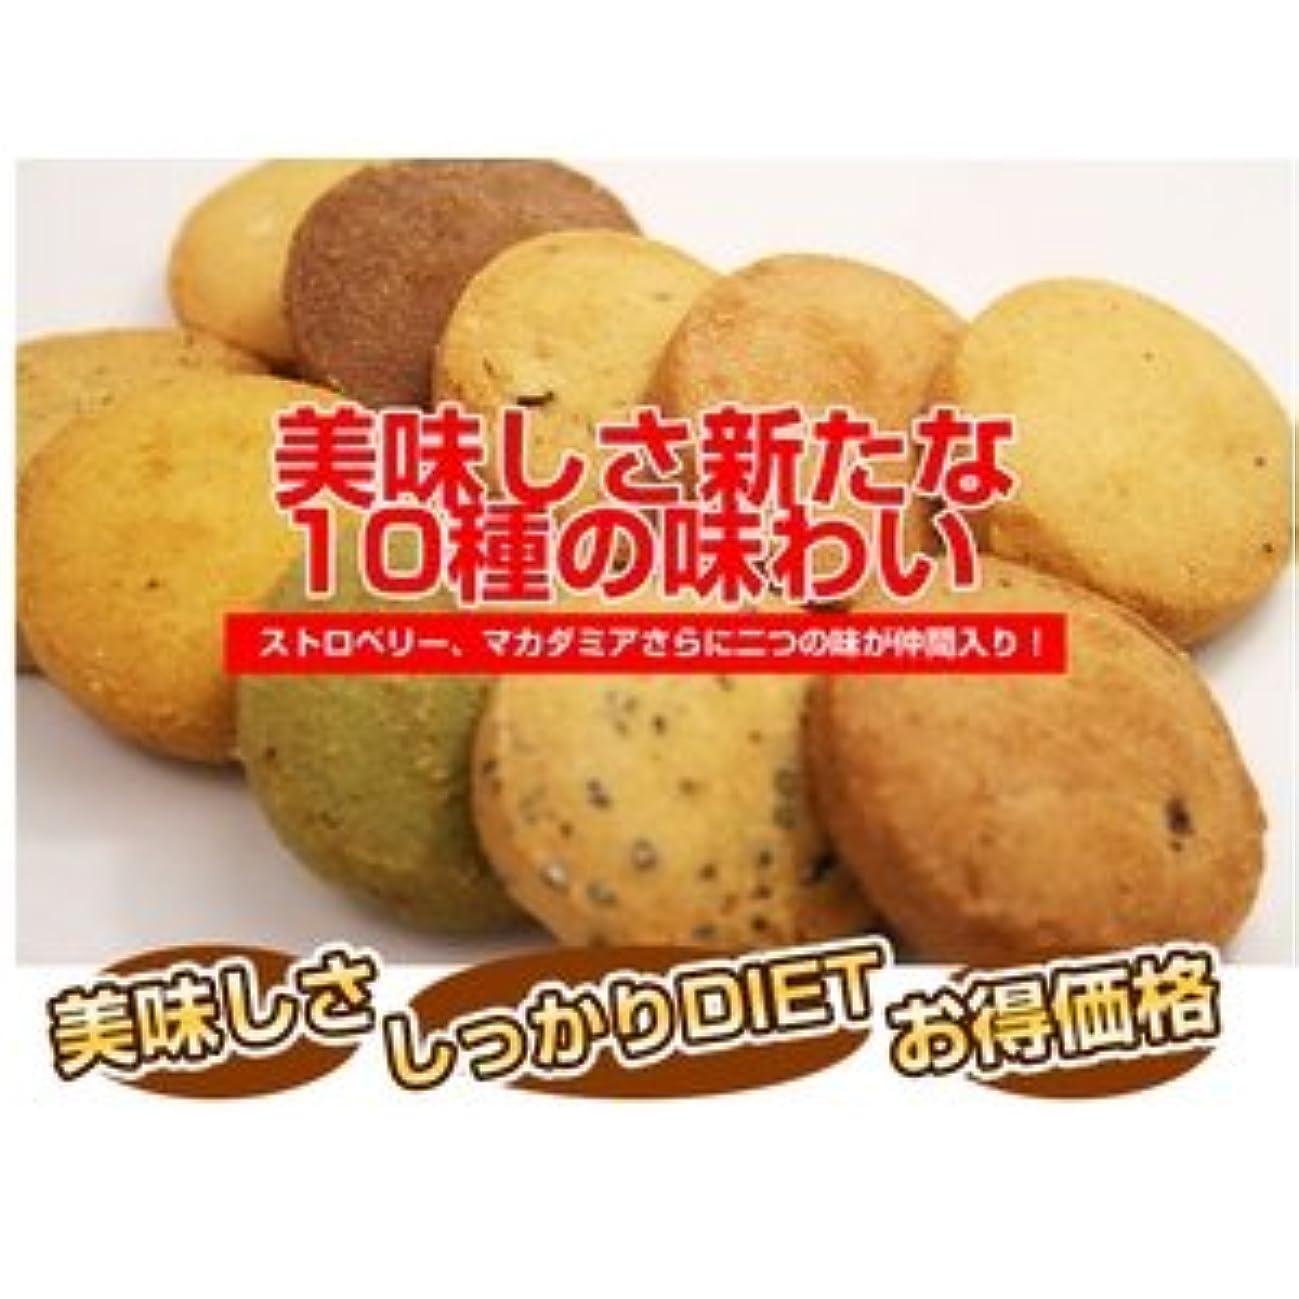 待つ消費孤児10種の豆乳おからクッキー 1kg(500g×2)